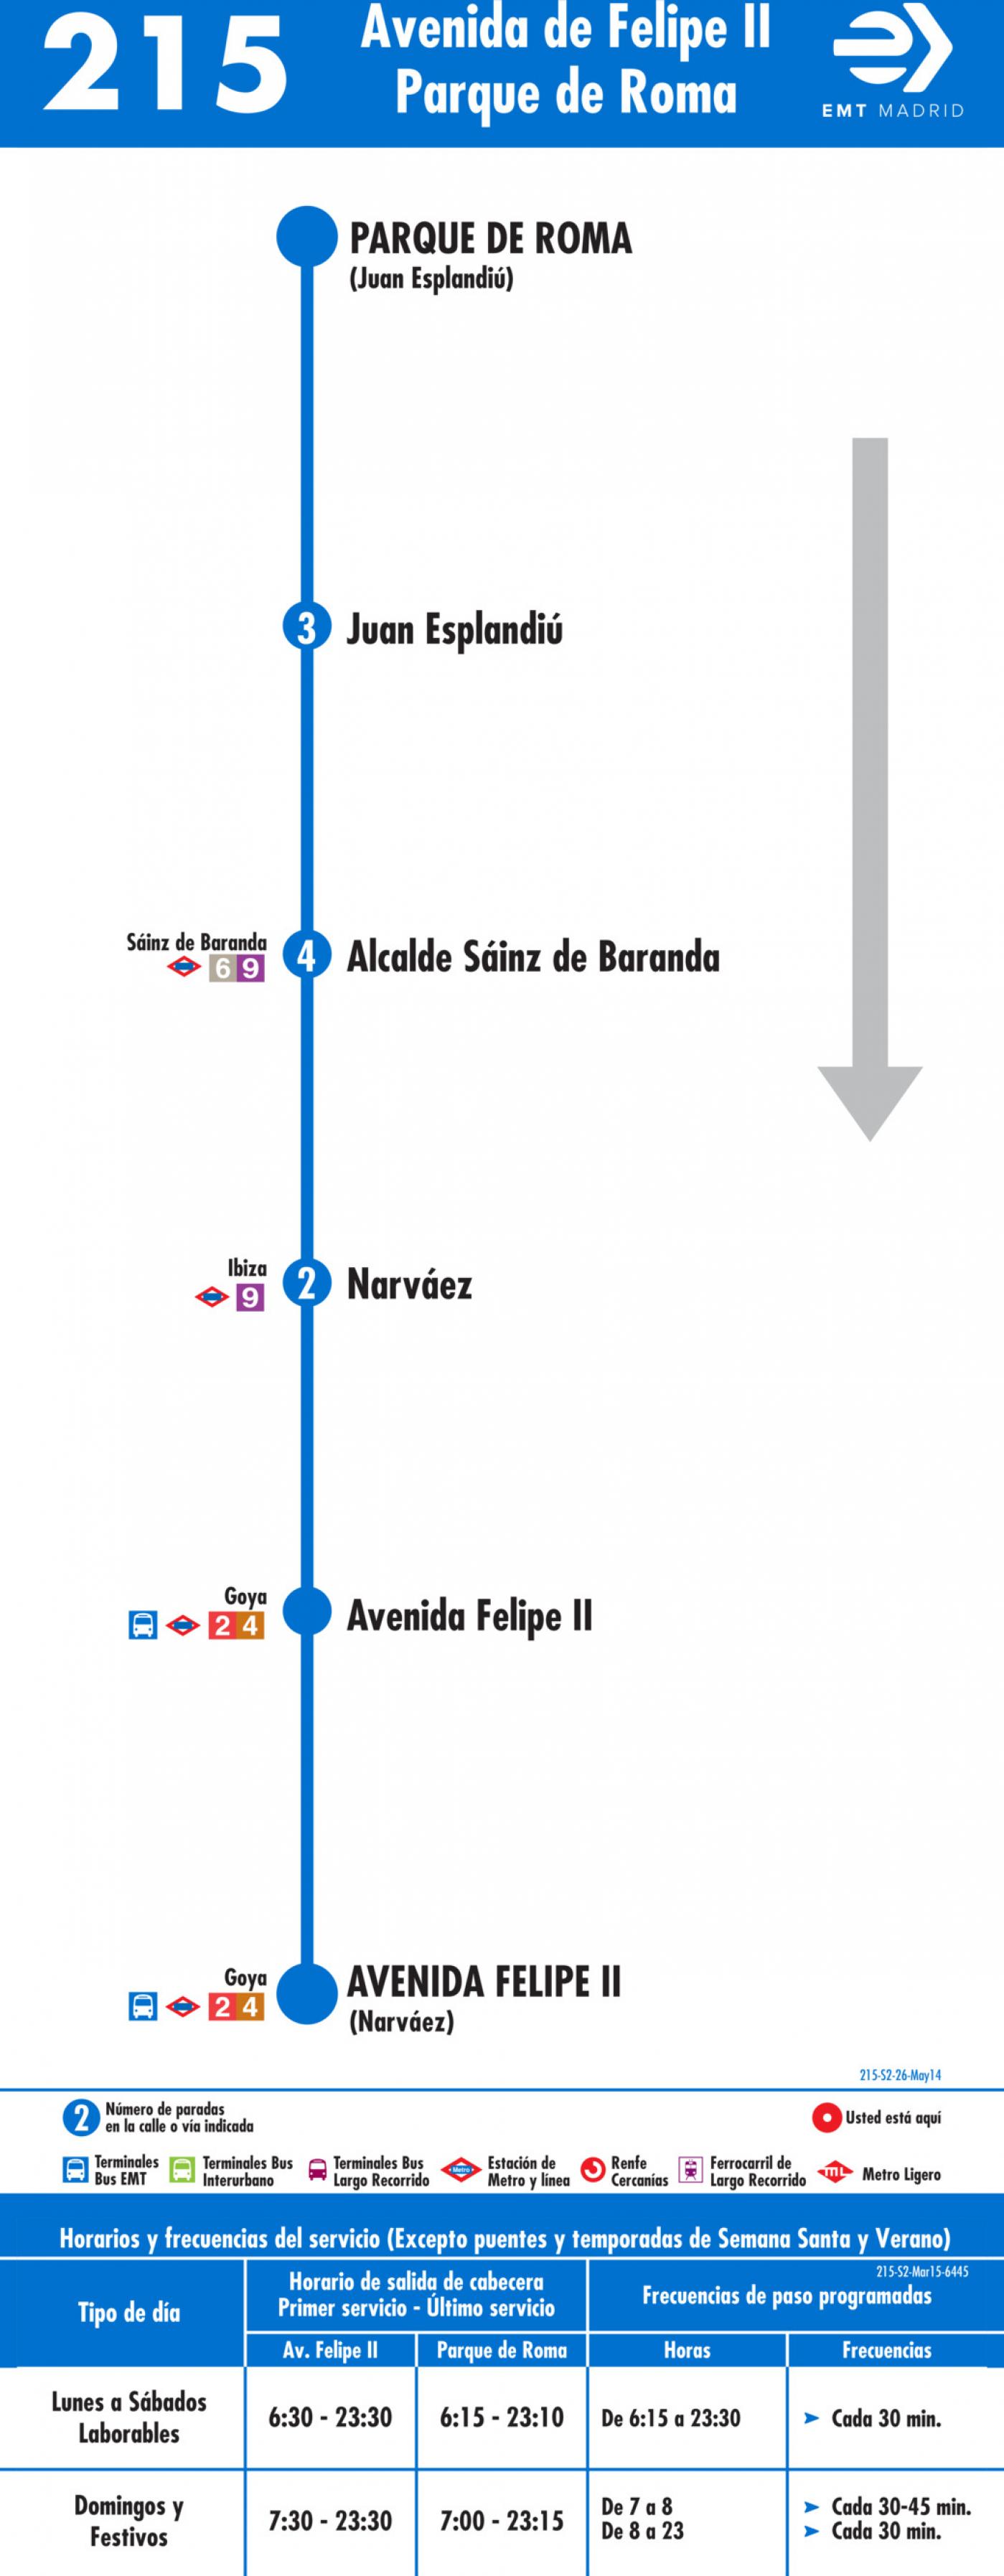 Tabla de horarios y frecuencias de paso en sentido vuelta Línea 215: Avenida de Felipe II - Parque Roma